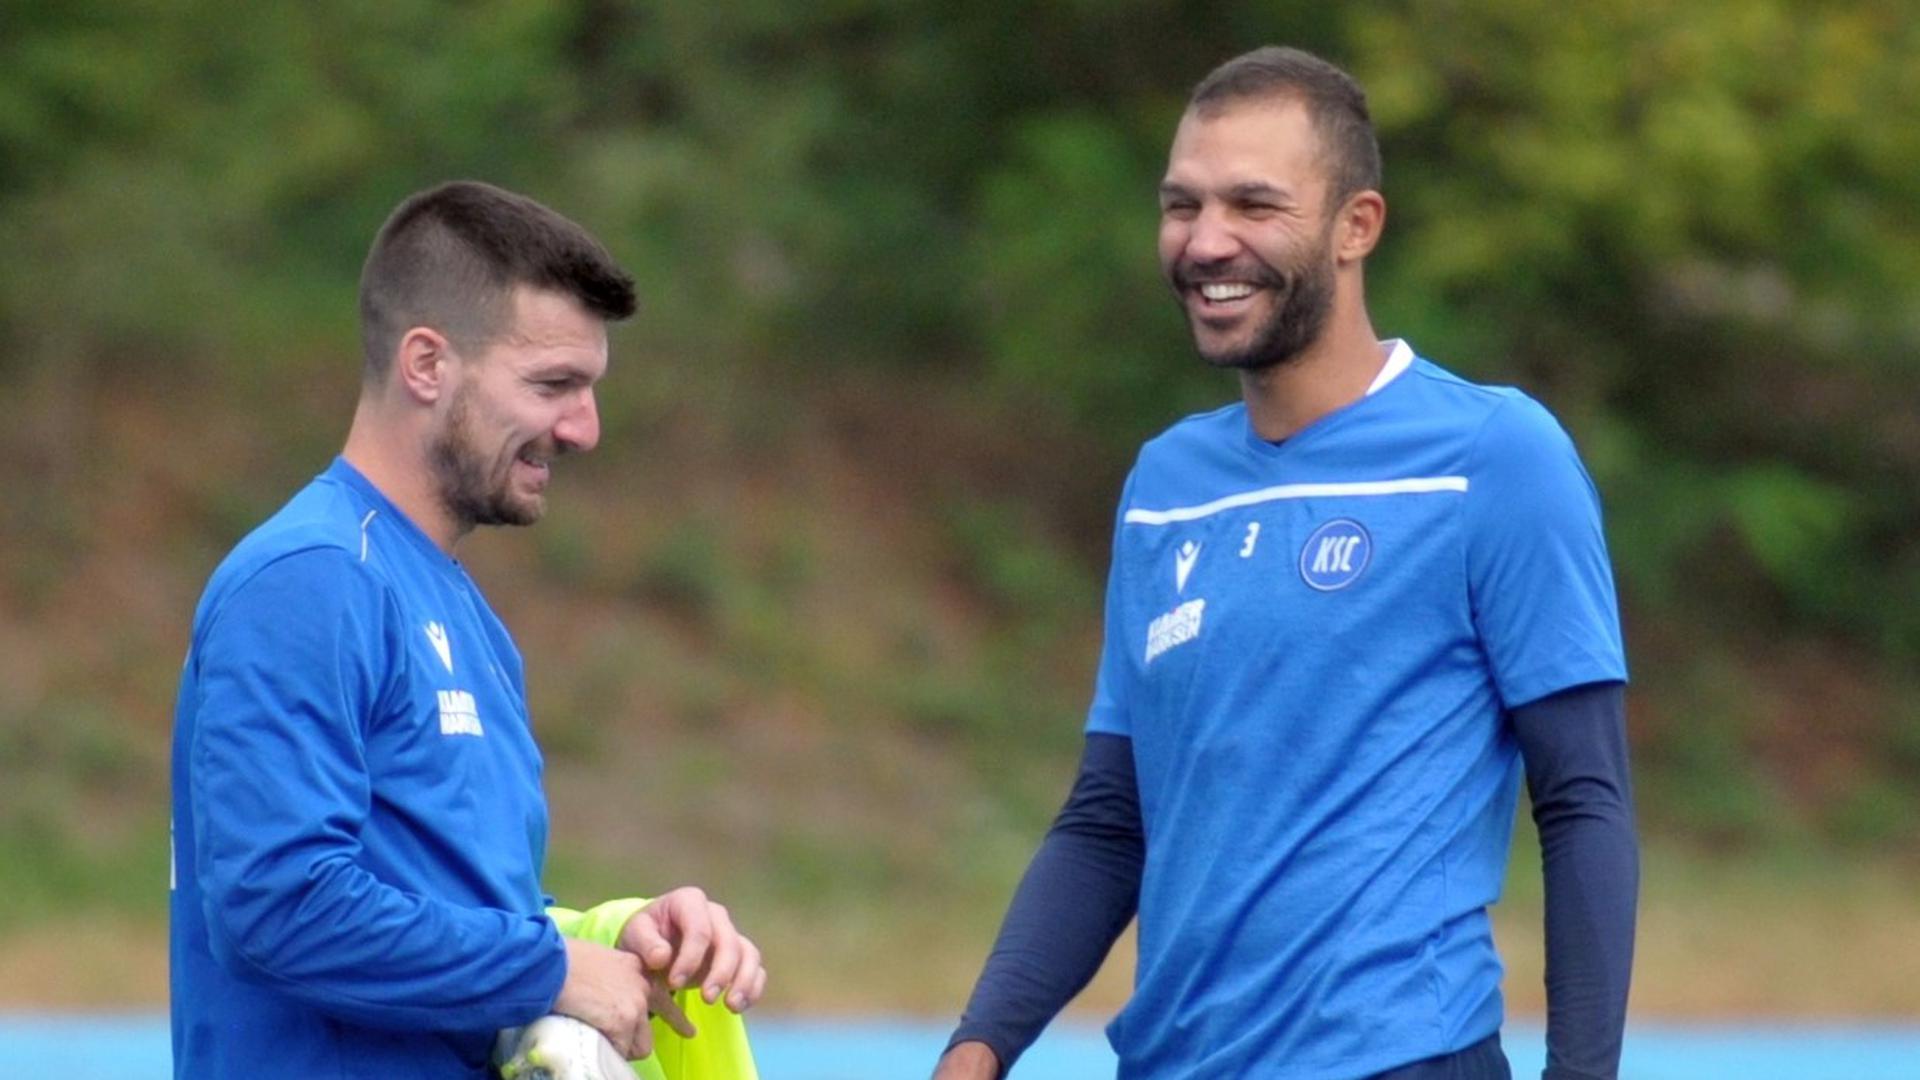 Zurück bei der Mannschaft: Daniel Gordon (rechts) hat Spaß während seiner ersten Einheit als Rückkehrer mit KSC-Kapitän Jérome Gondorf.